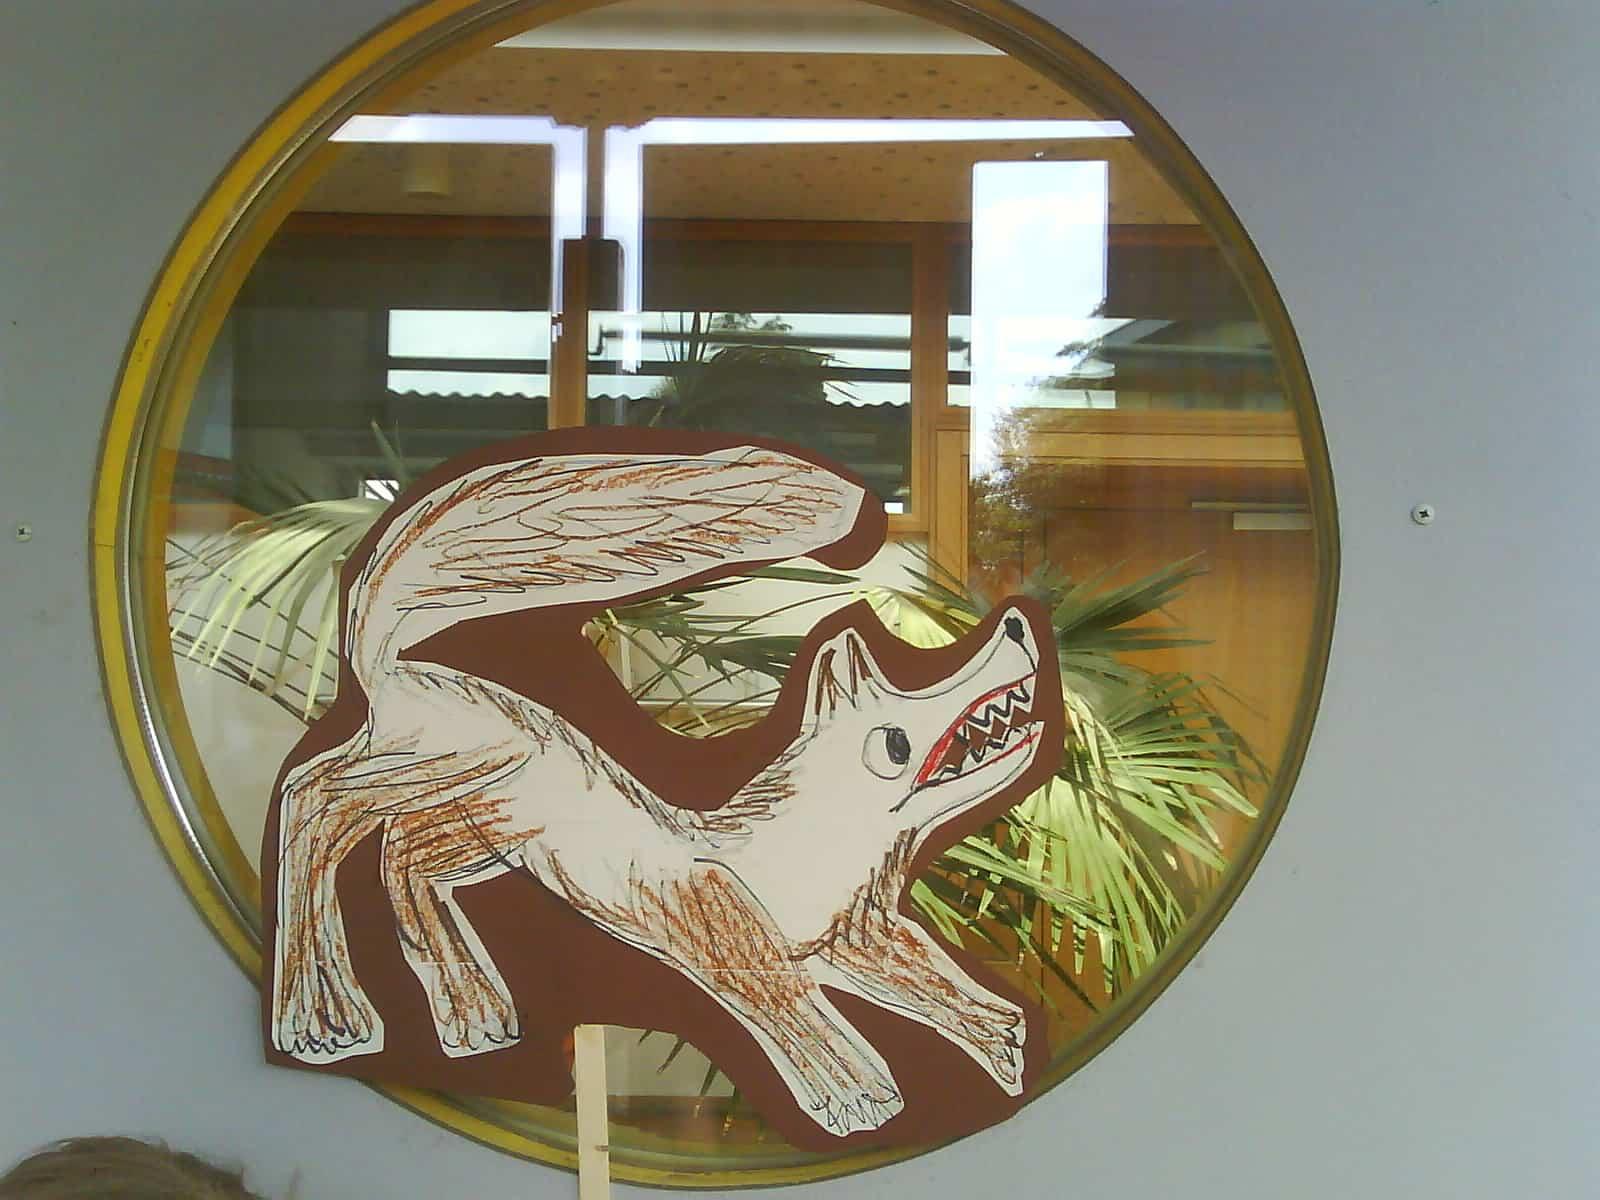 Der Hund des Hirten (Vivaldi, Der Frühling), Zeichnung / Foto: Anne Pape